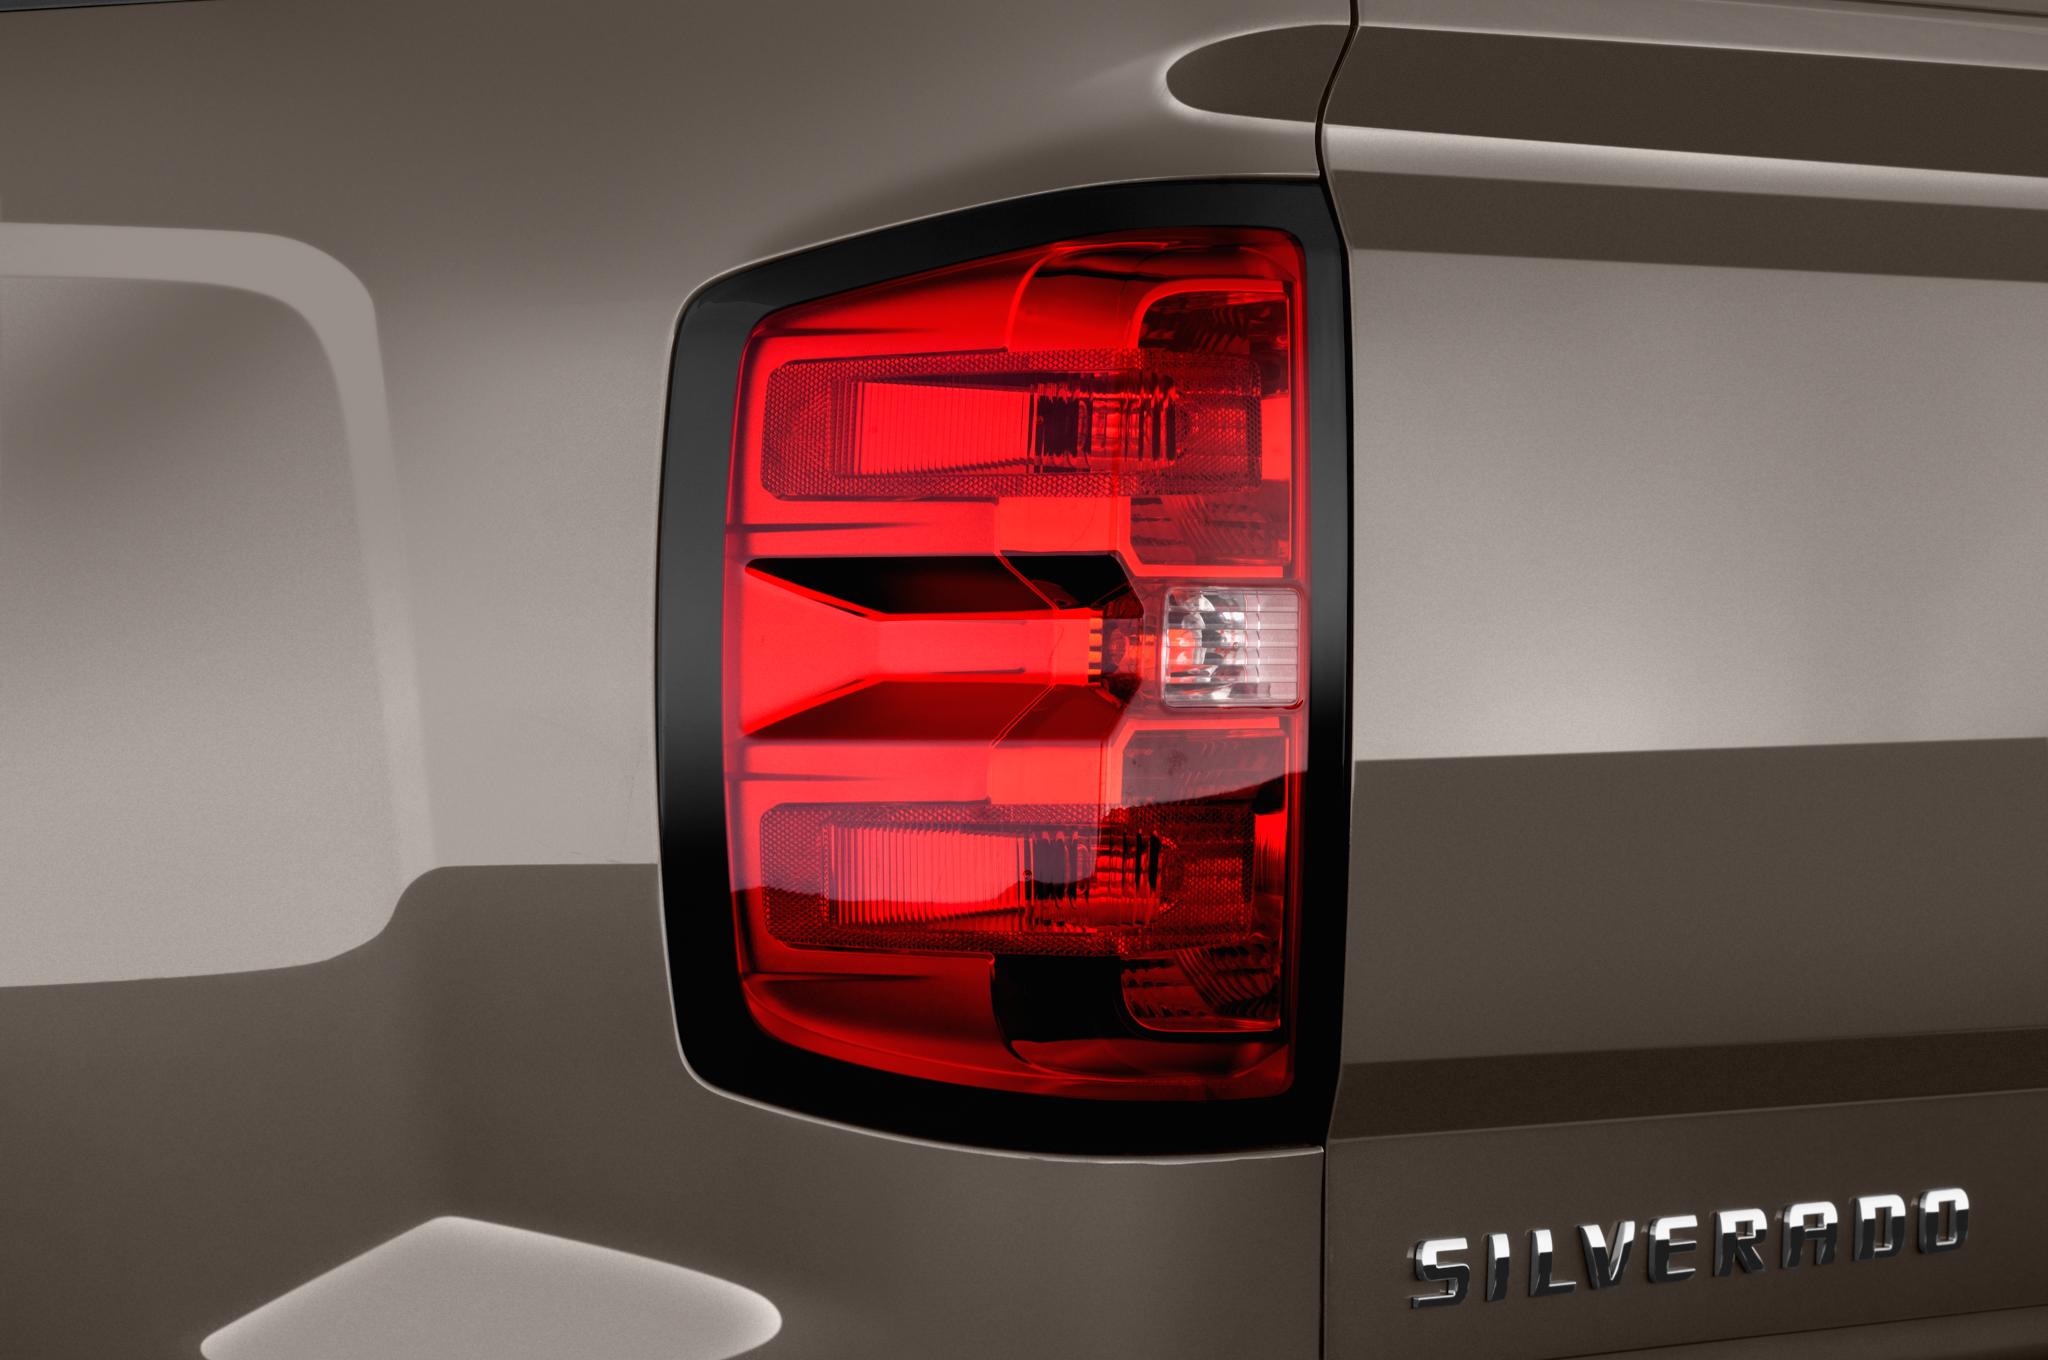 2016 Chevrolet Silverado Gmc Sierra Add Eassist Hybrid Automobile 84 Gm S10 Power Window Wiring Diagram 36 125